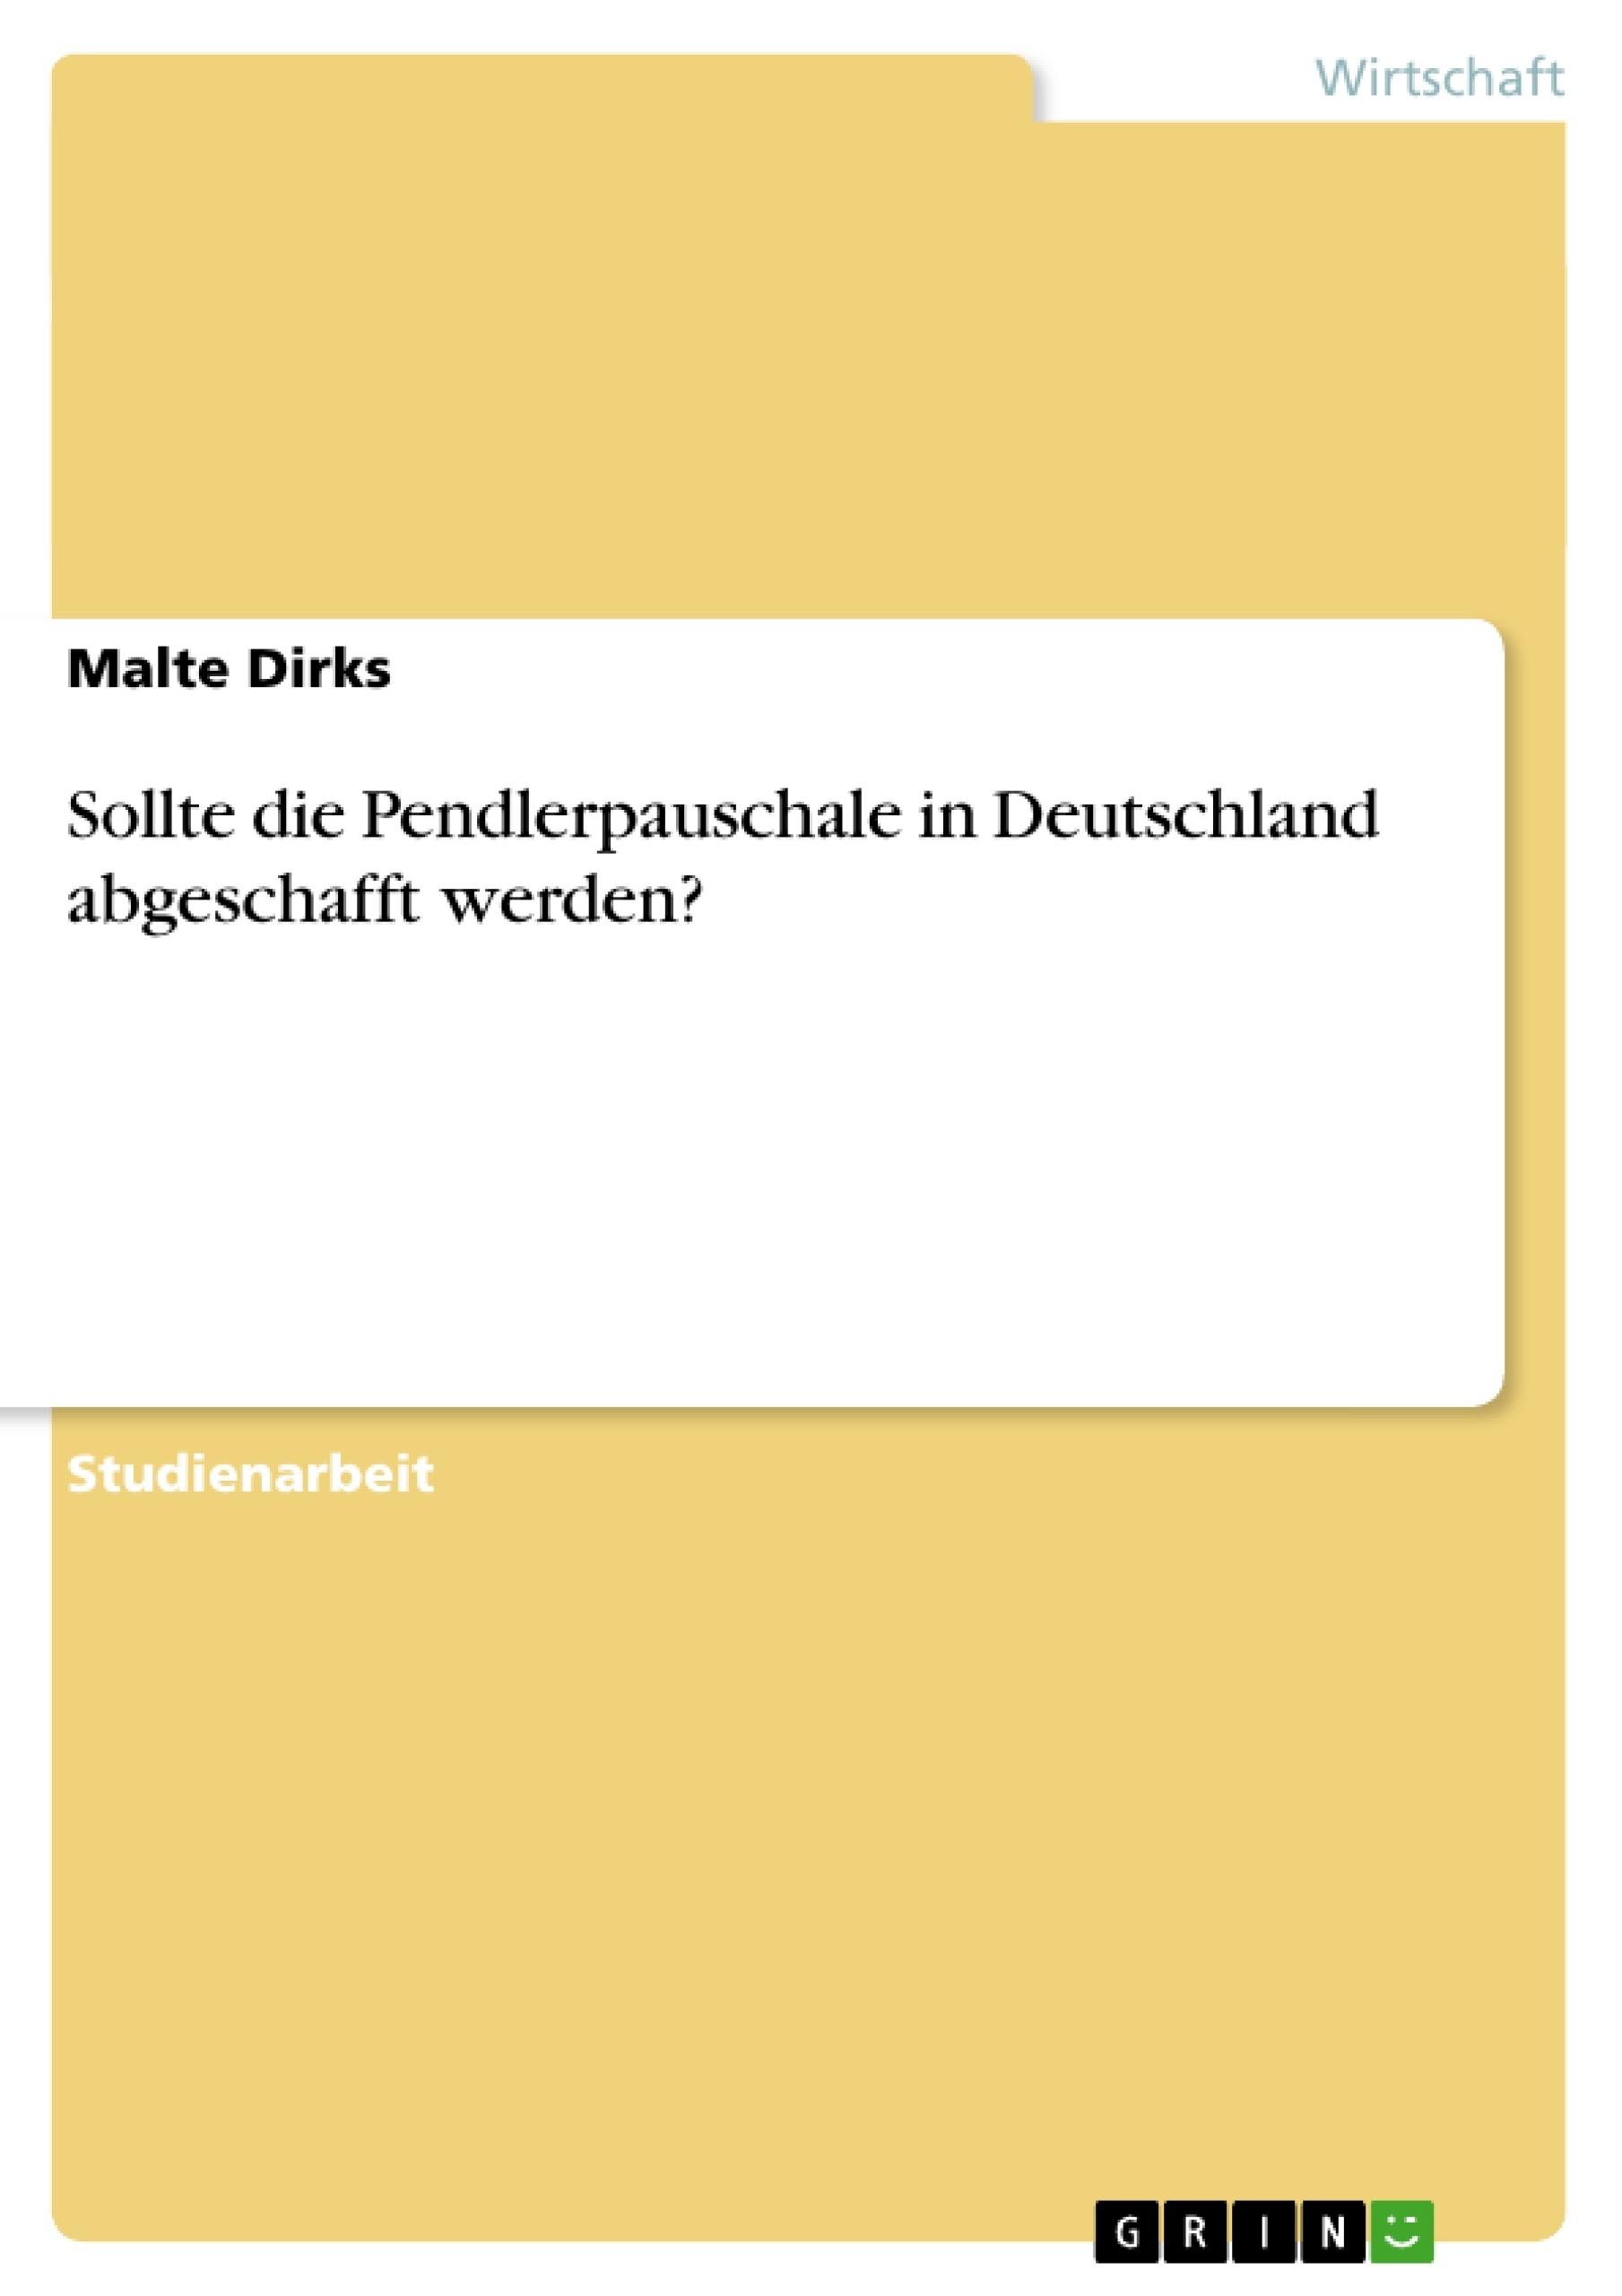 Titel: Sollte die Pendlerpauschale in Deutschland abgeschafft werden?